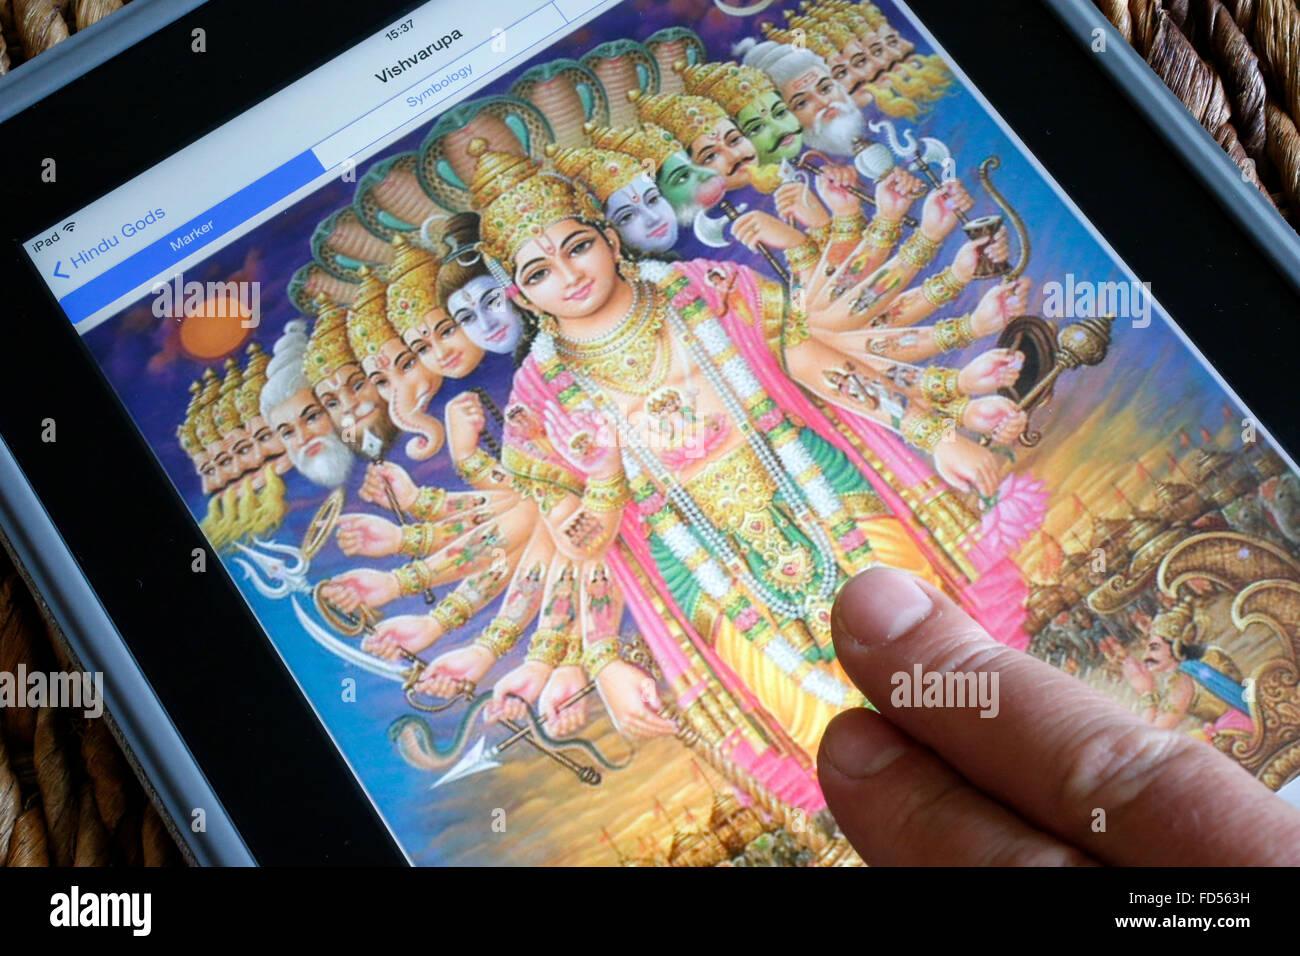 Divinità indù su un Ipad. Vishvarupa. Immagini Stock